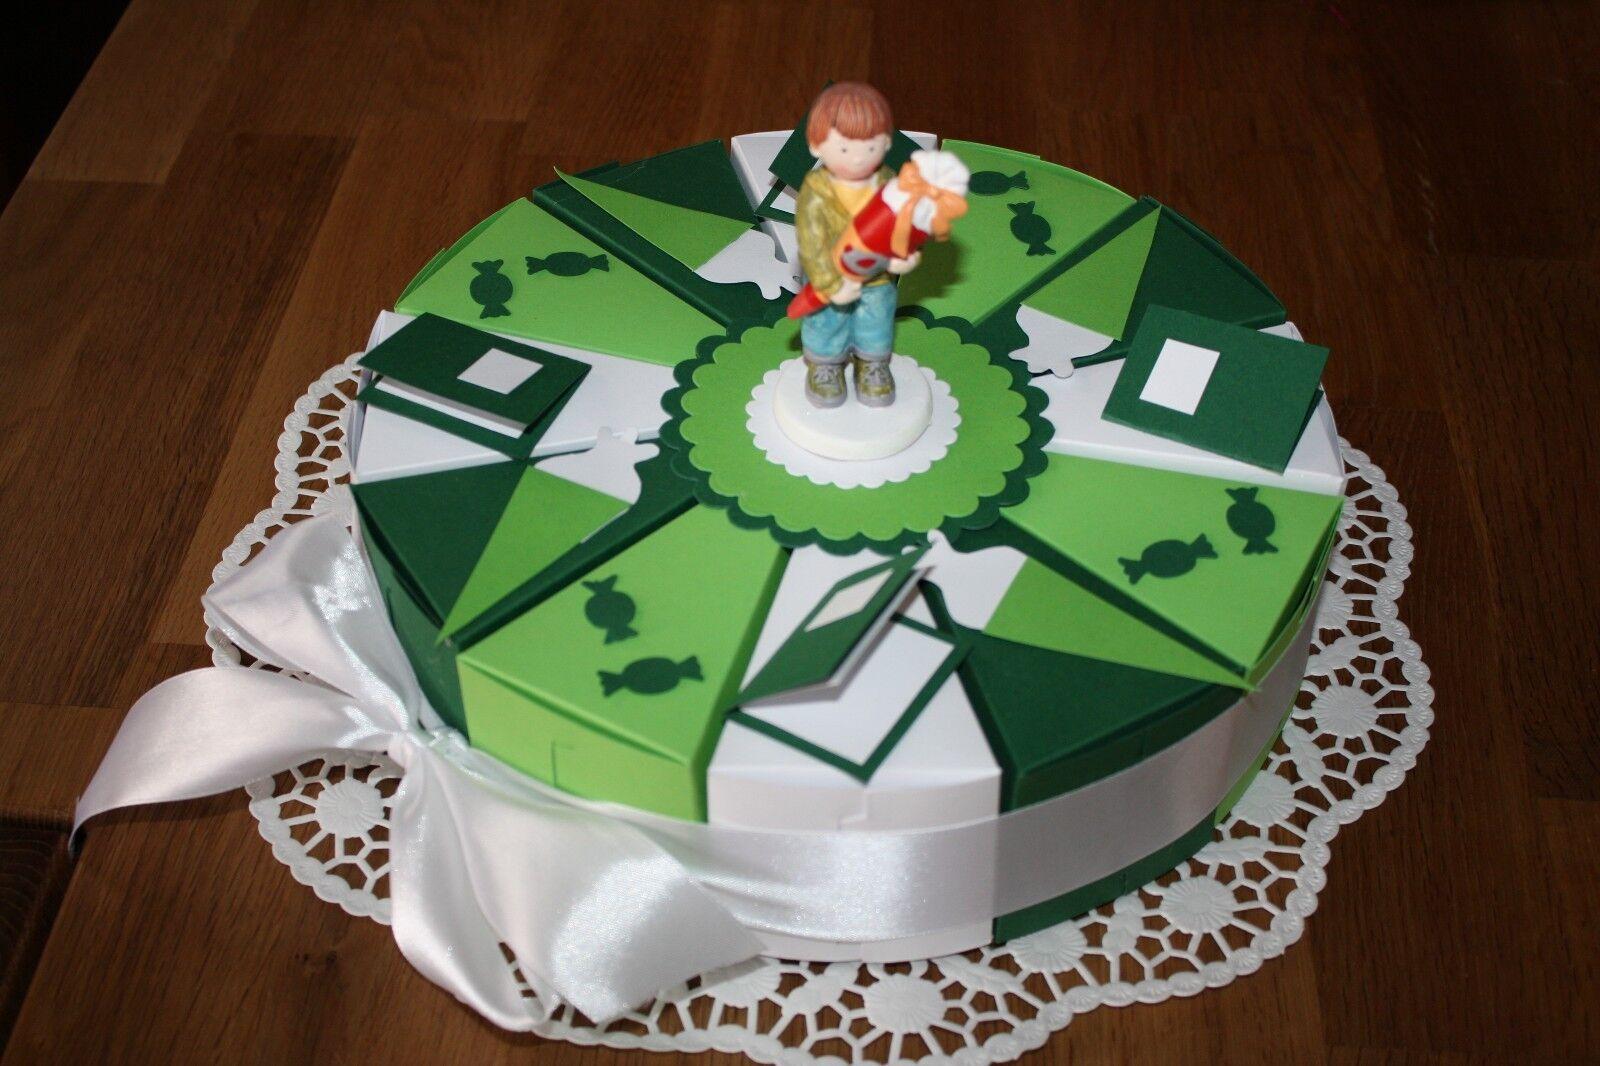 Einschulung, Schachteltorte,Torte, 12 Gastgeschenke, Neu & Handarbeit | Kaufen  | Angemessene Lieferung und pünktliche Lieferung  | Verbraucher zuerst